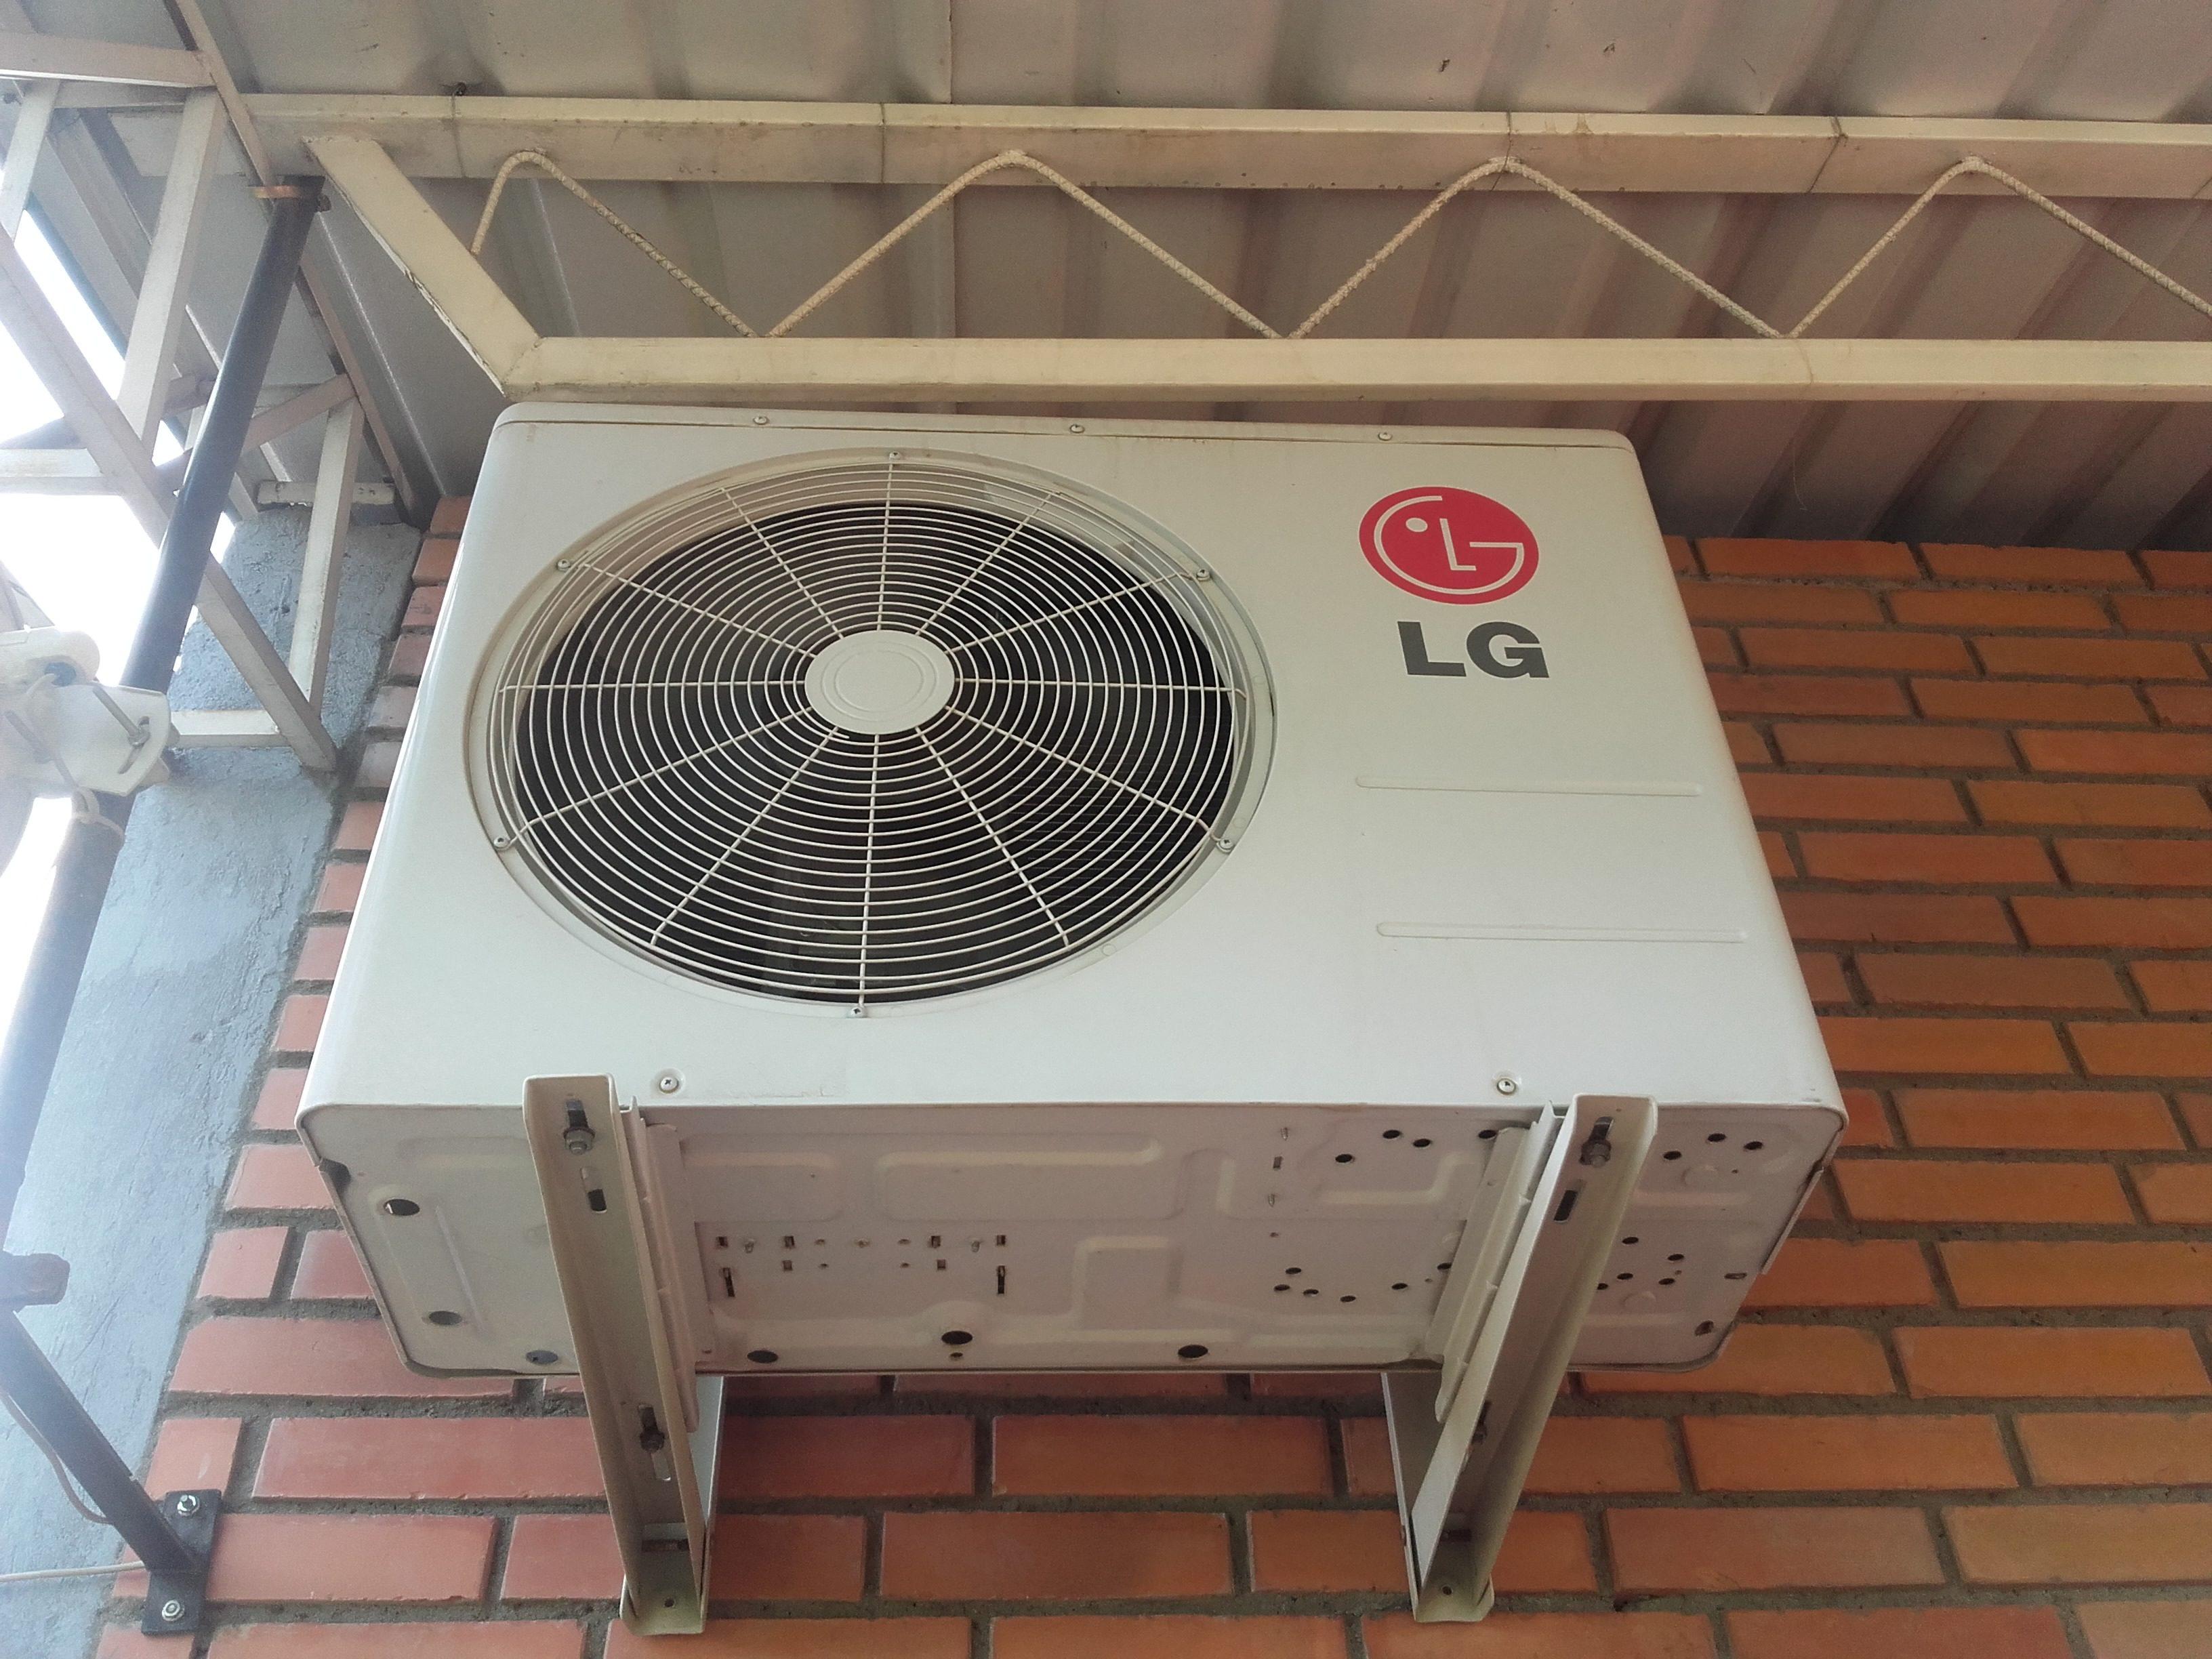 AireAcondicionadoComponentes